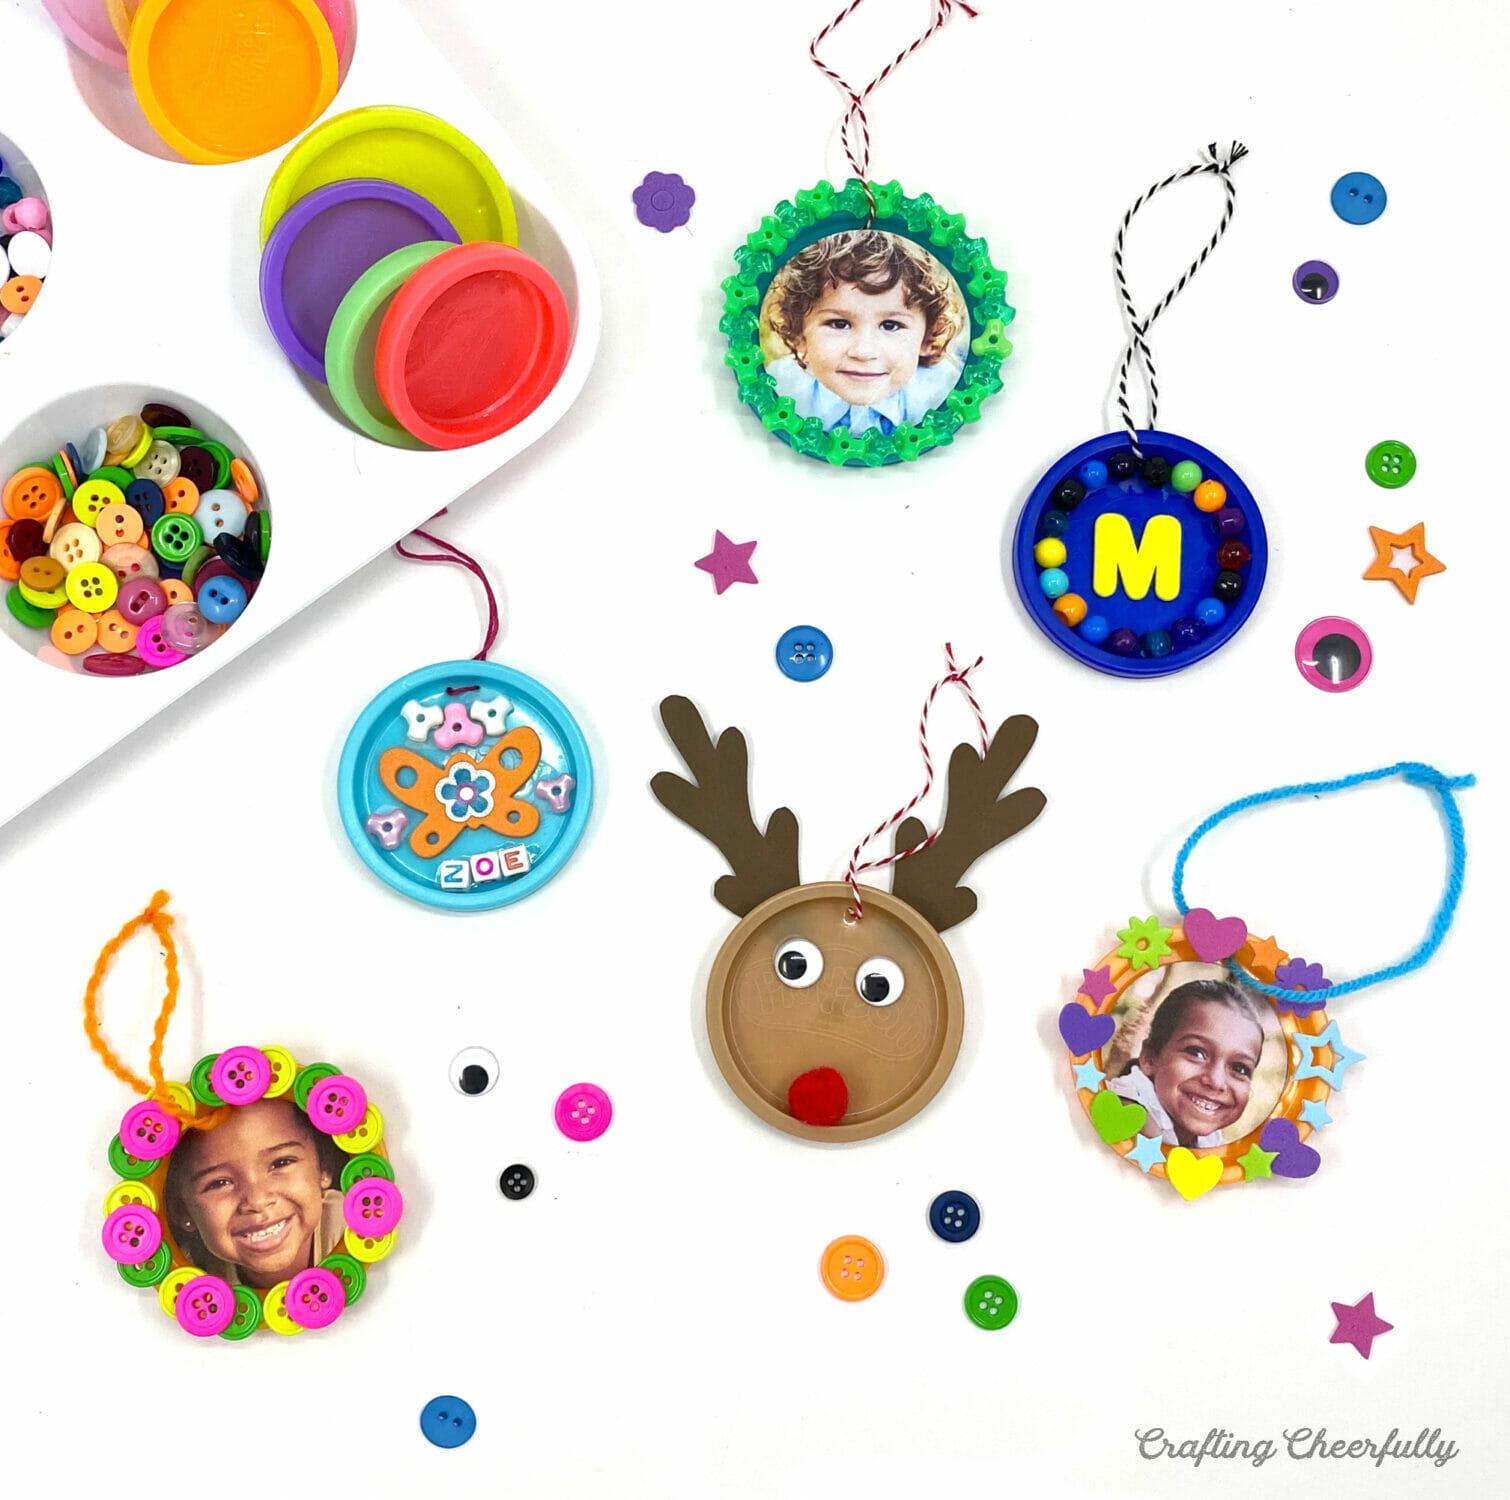 Play-doh lid ornaments